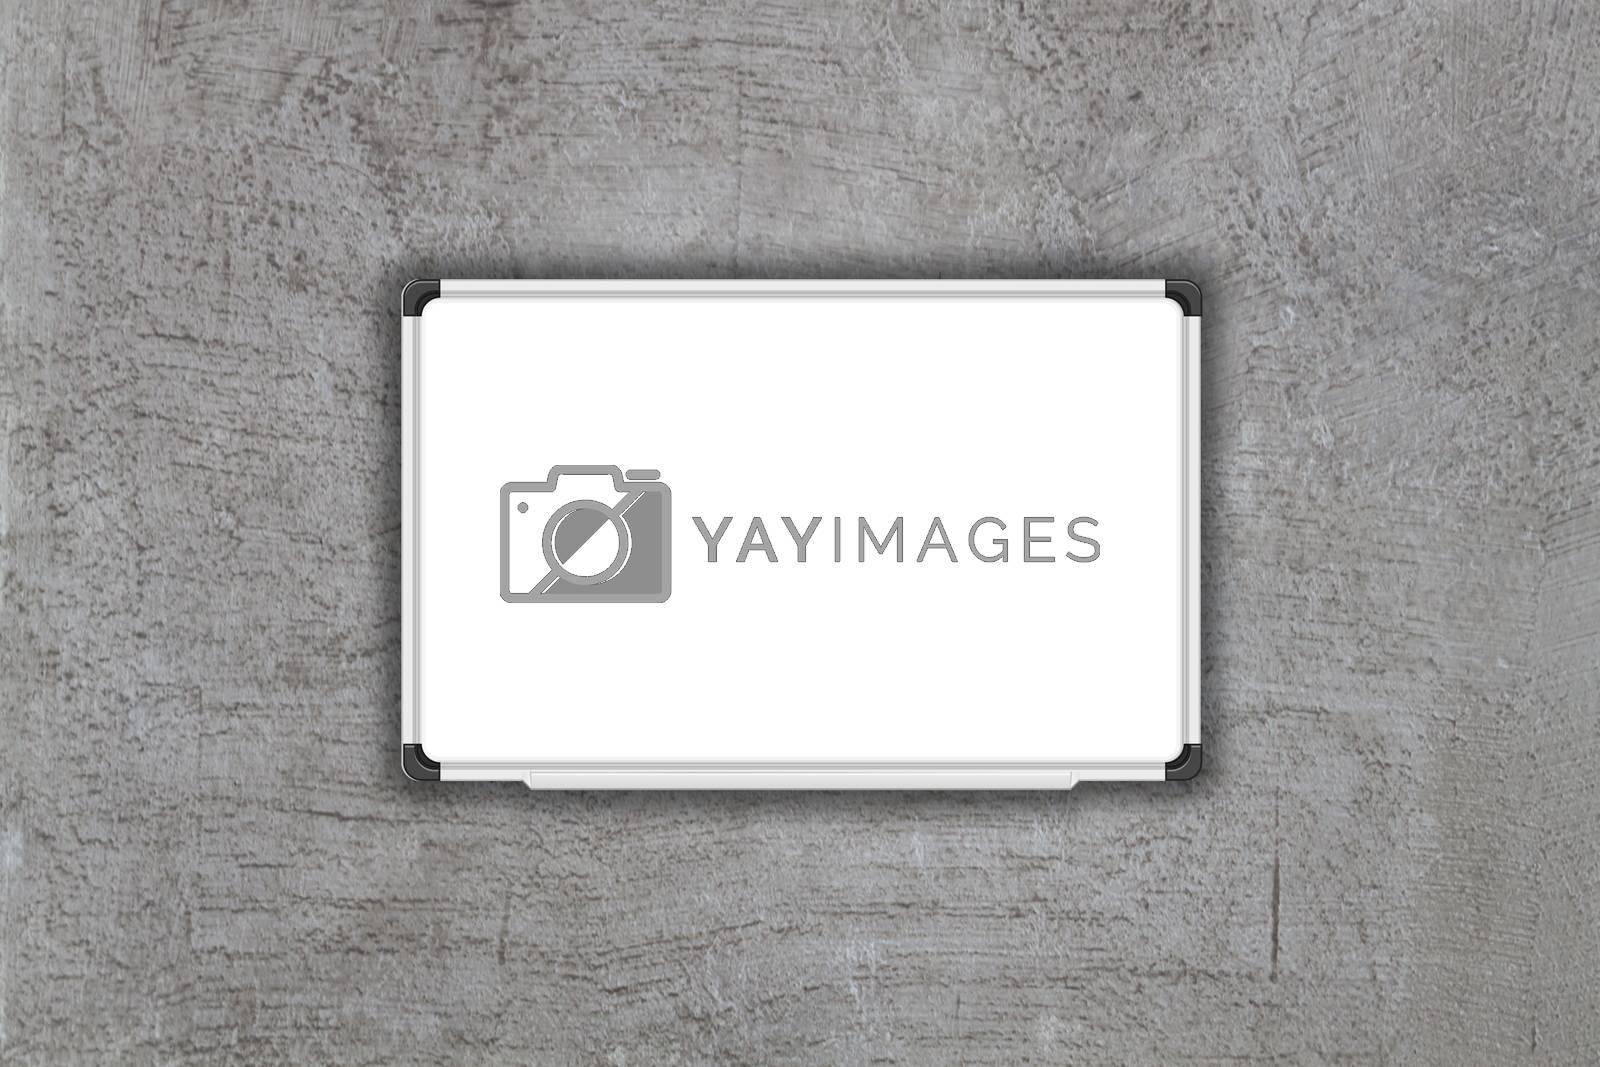 Blank white baord on gray concrete texture background, stock photo